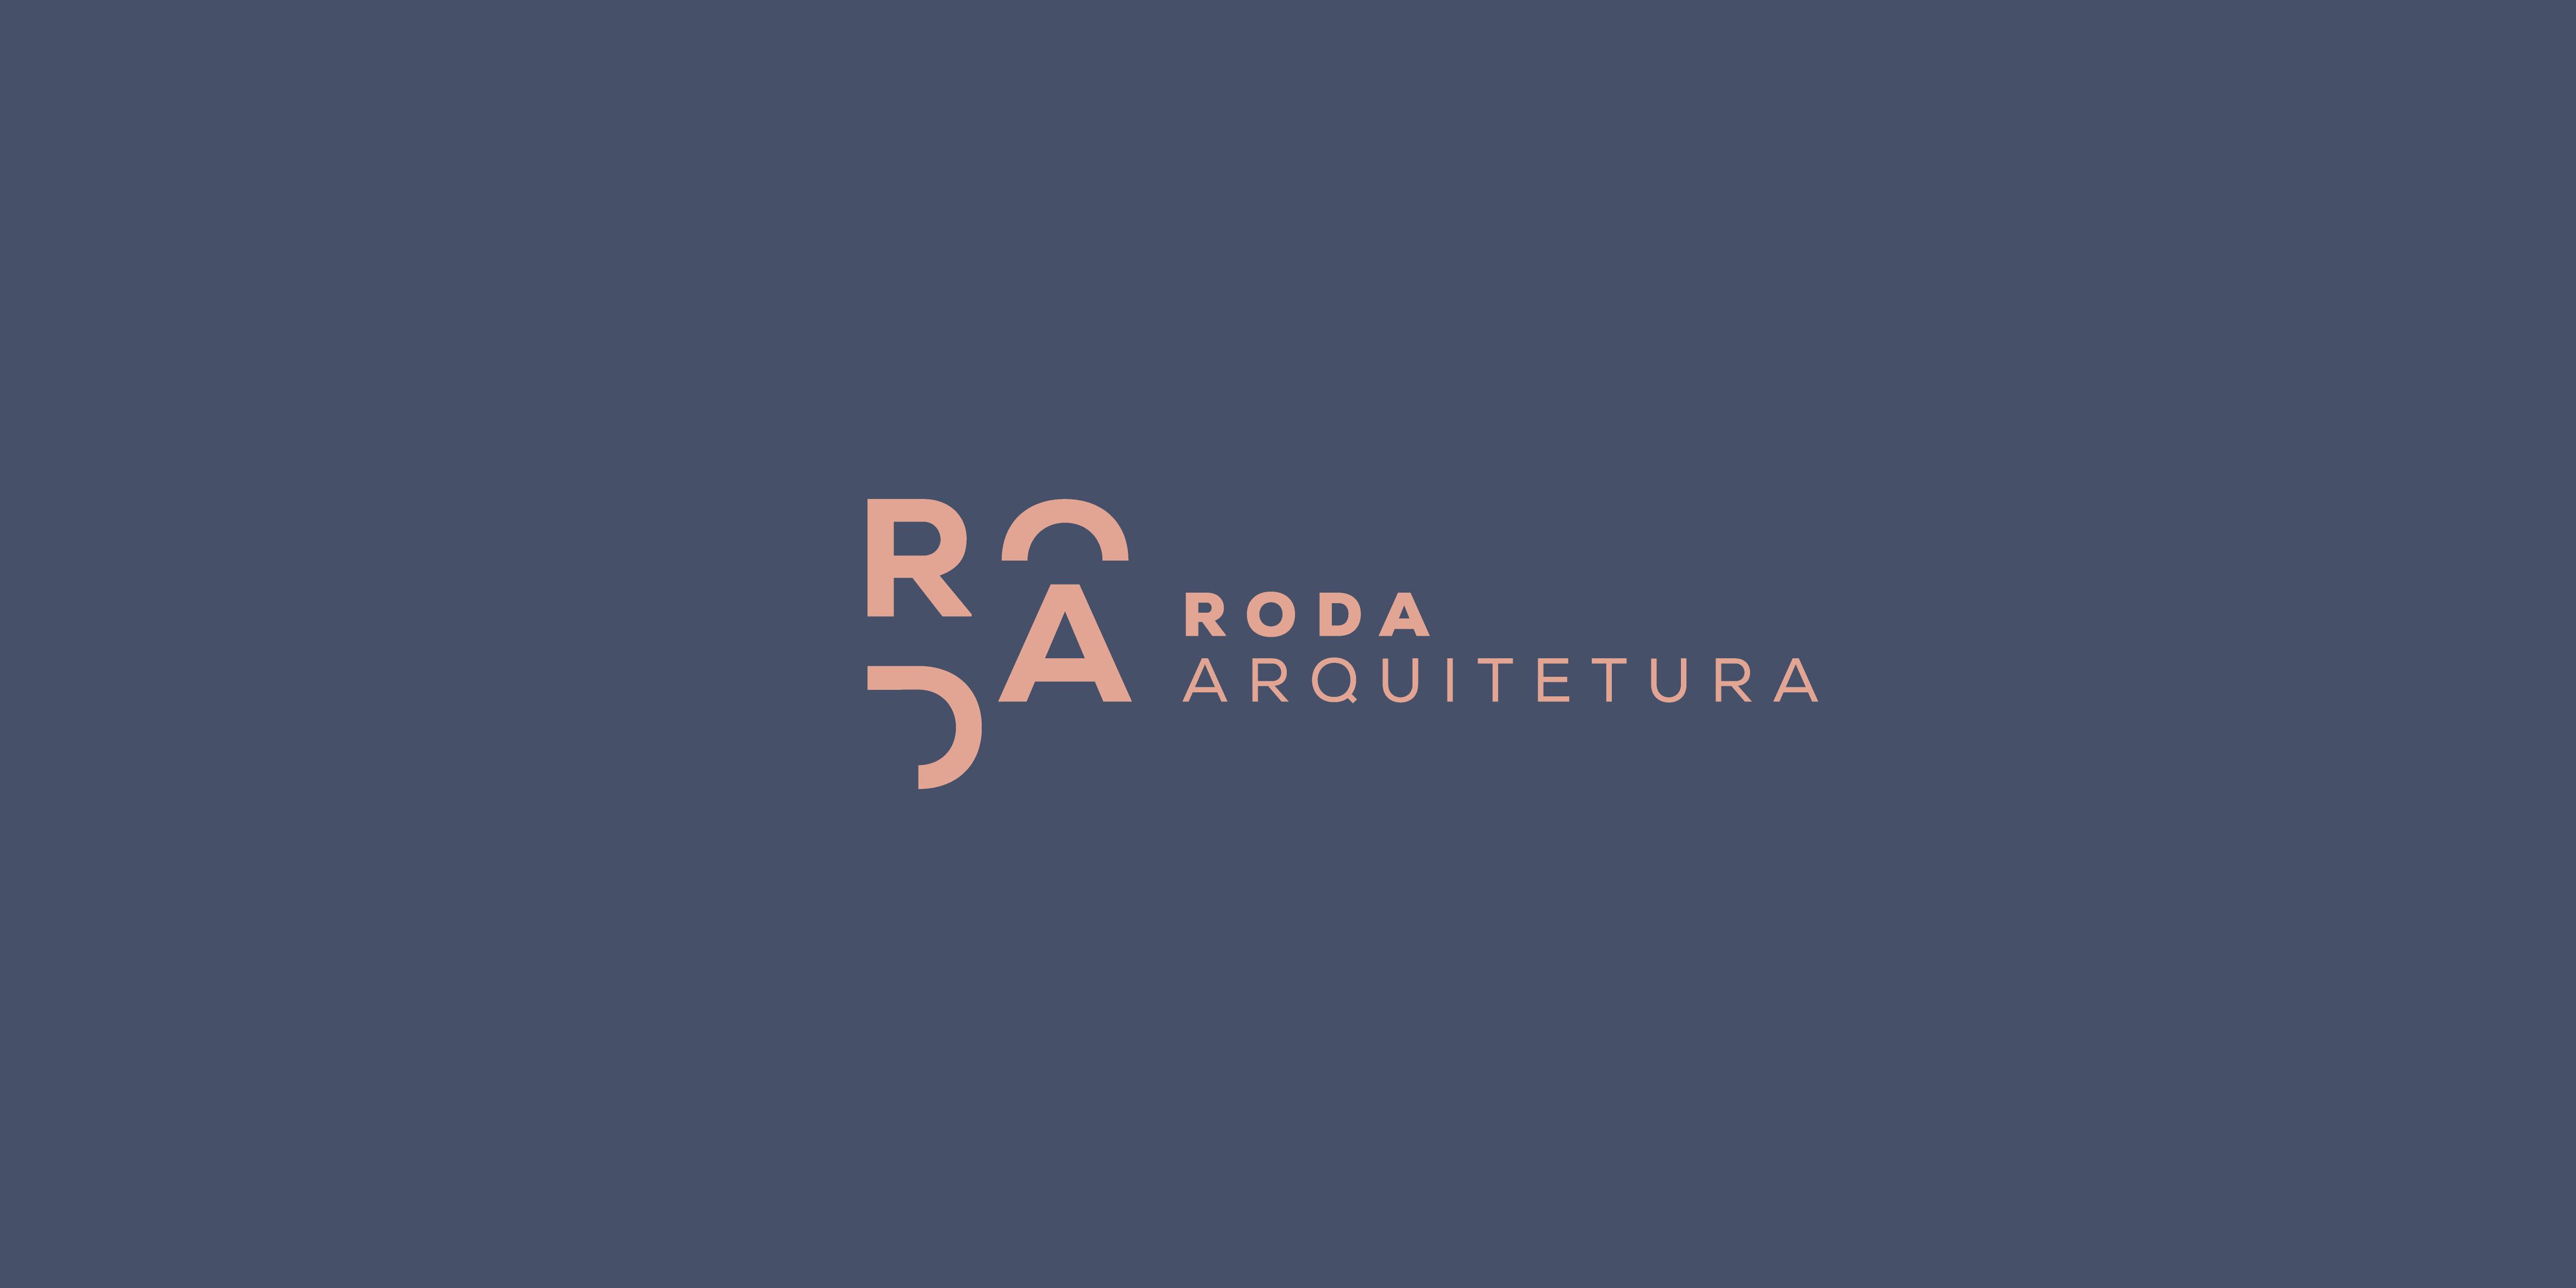 RODAPE_RODA